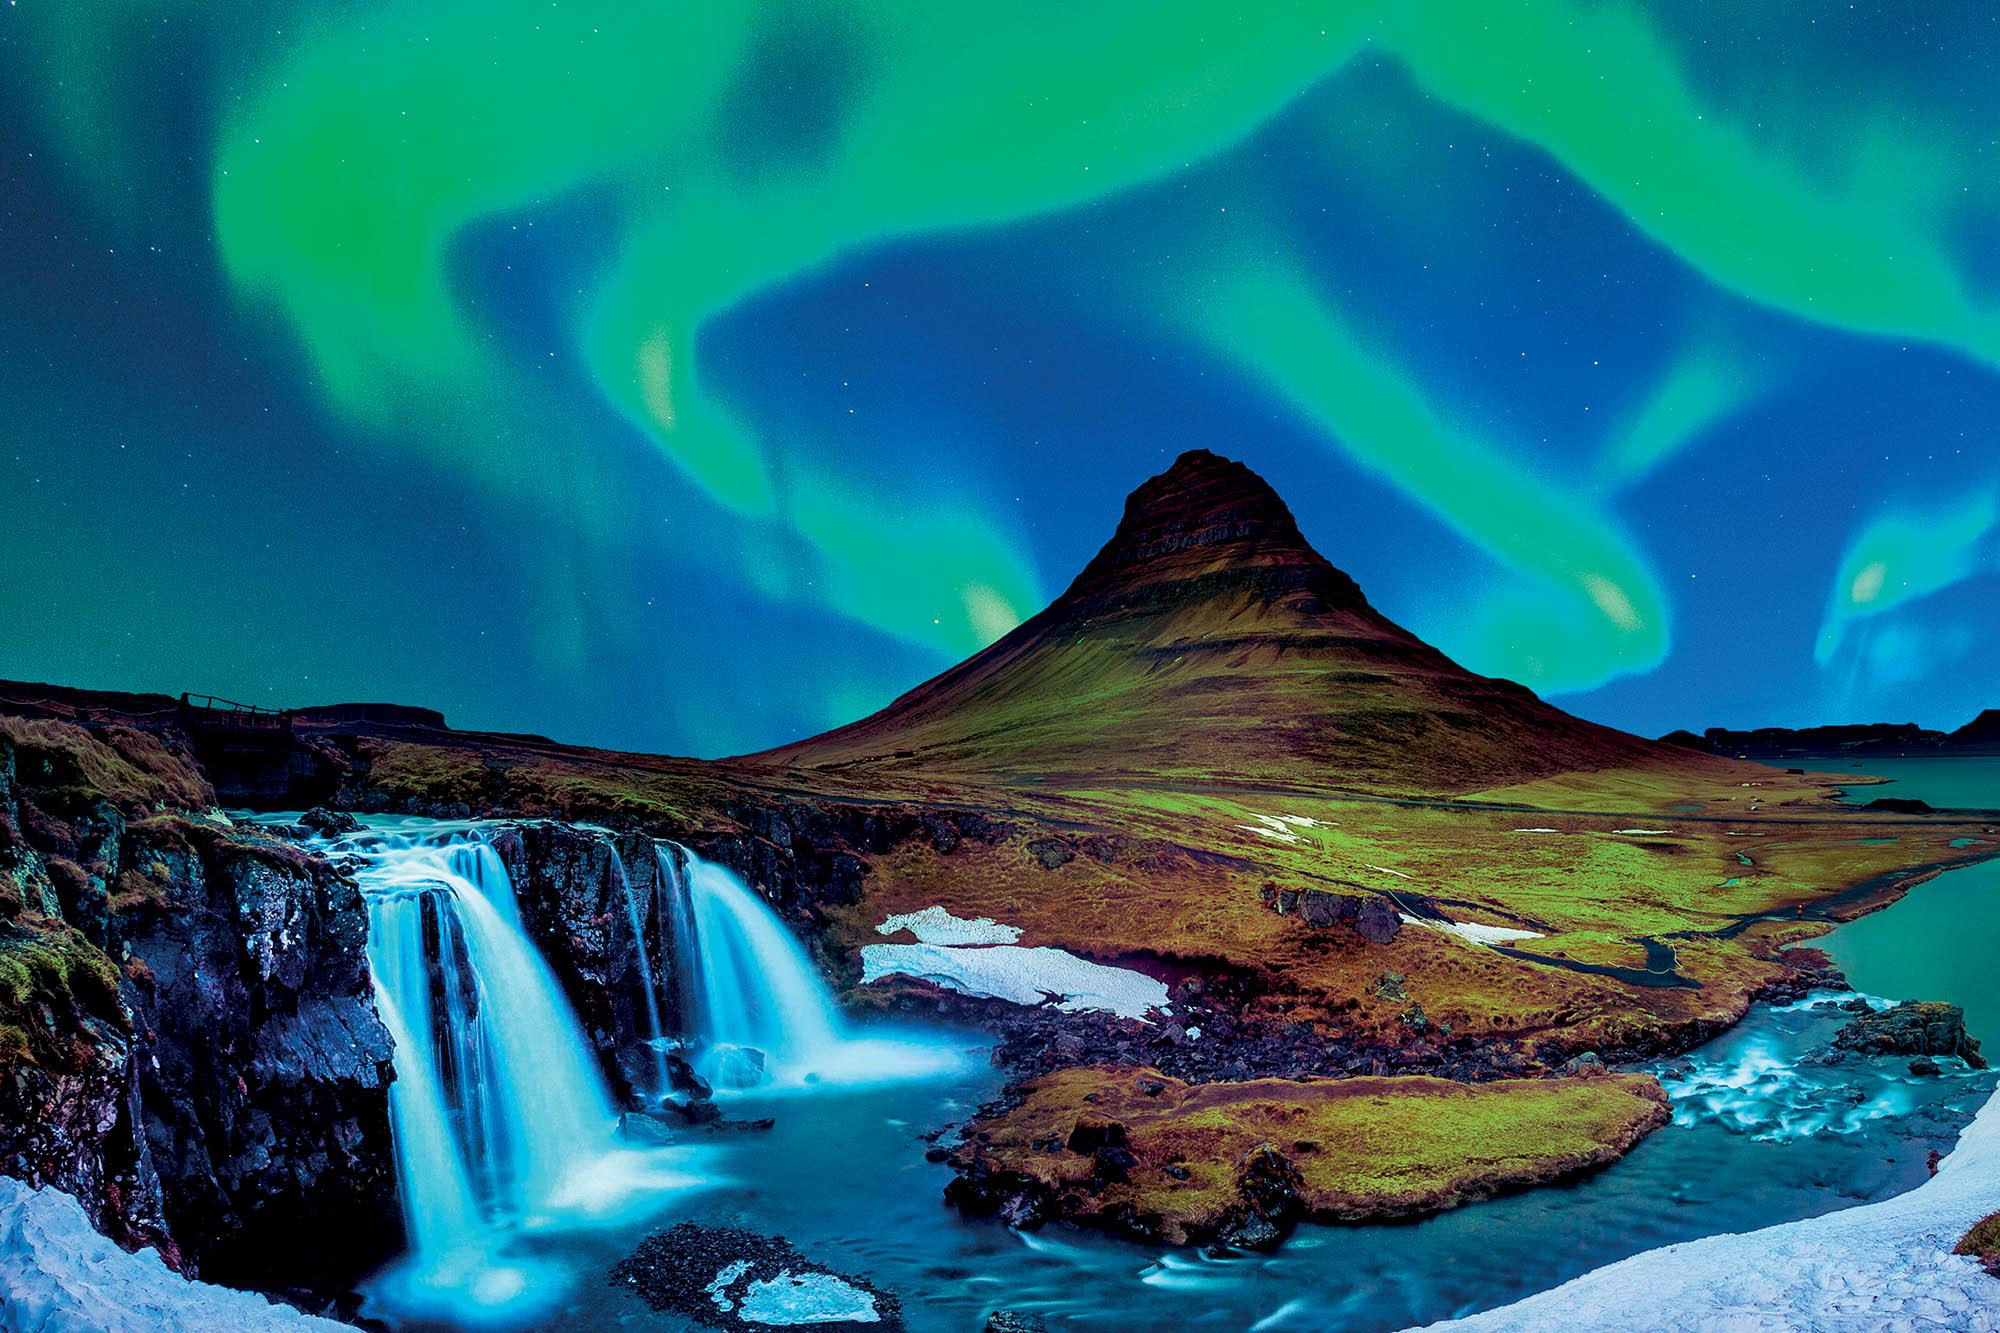 địa điểm Iceland hiện tượng cực quang